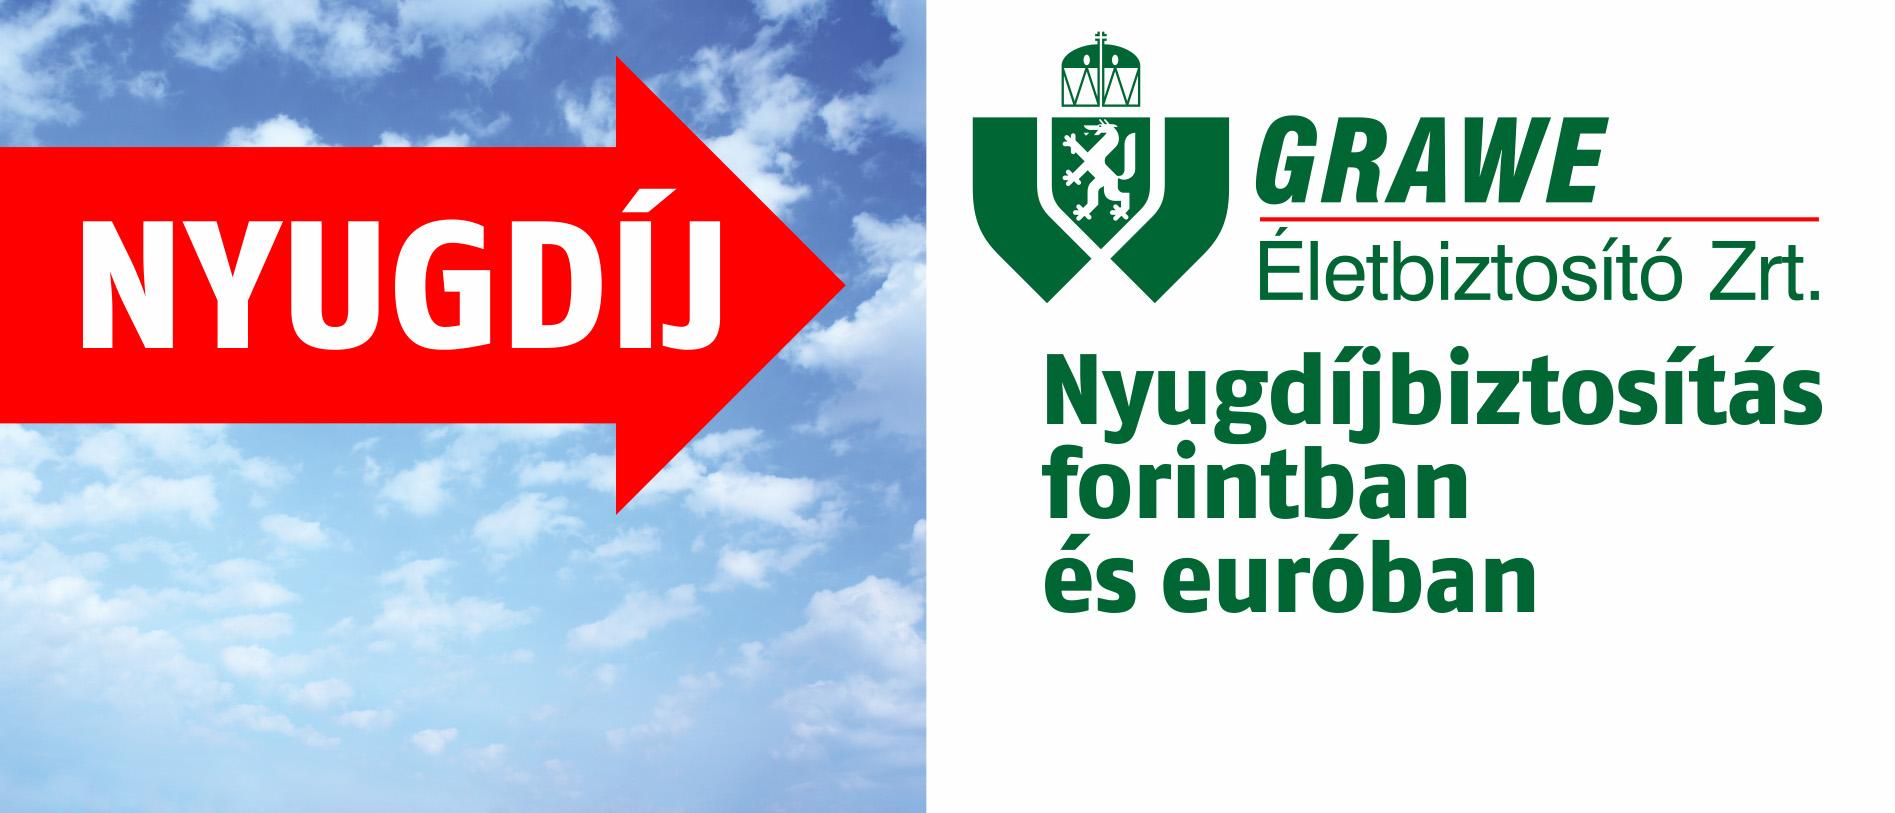 nyugdij banner